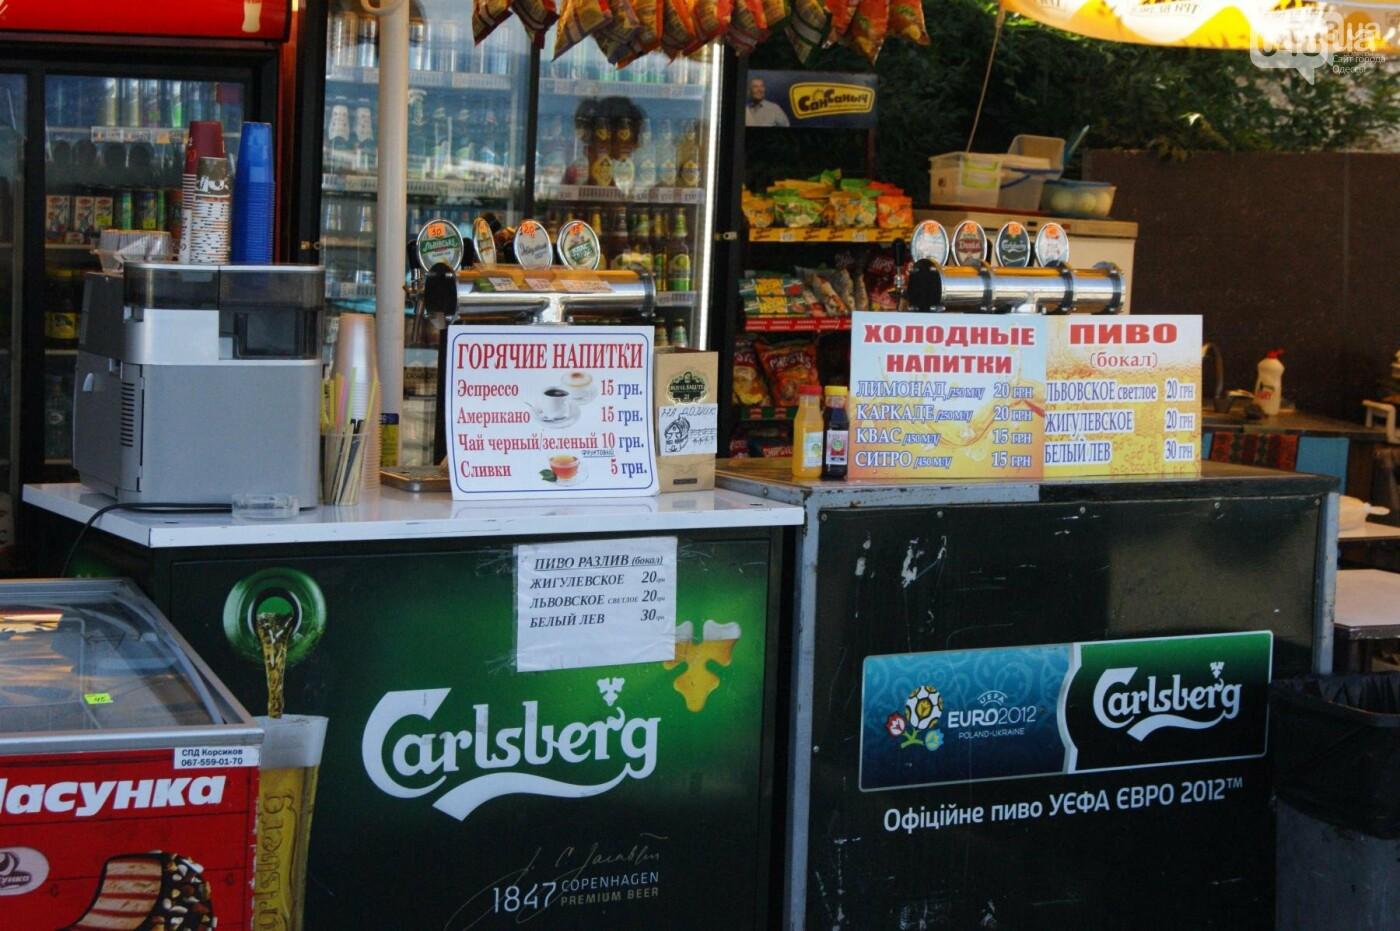 Сколько стоит пообедать в Аркадии: ищем недорогие вкусные варианты, - ФОТО, фото-8